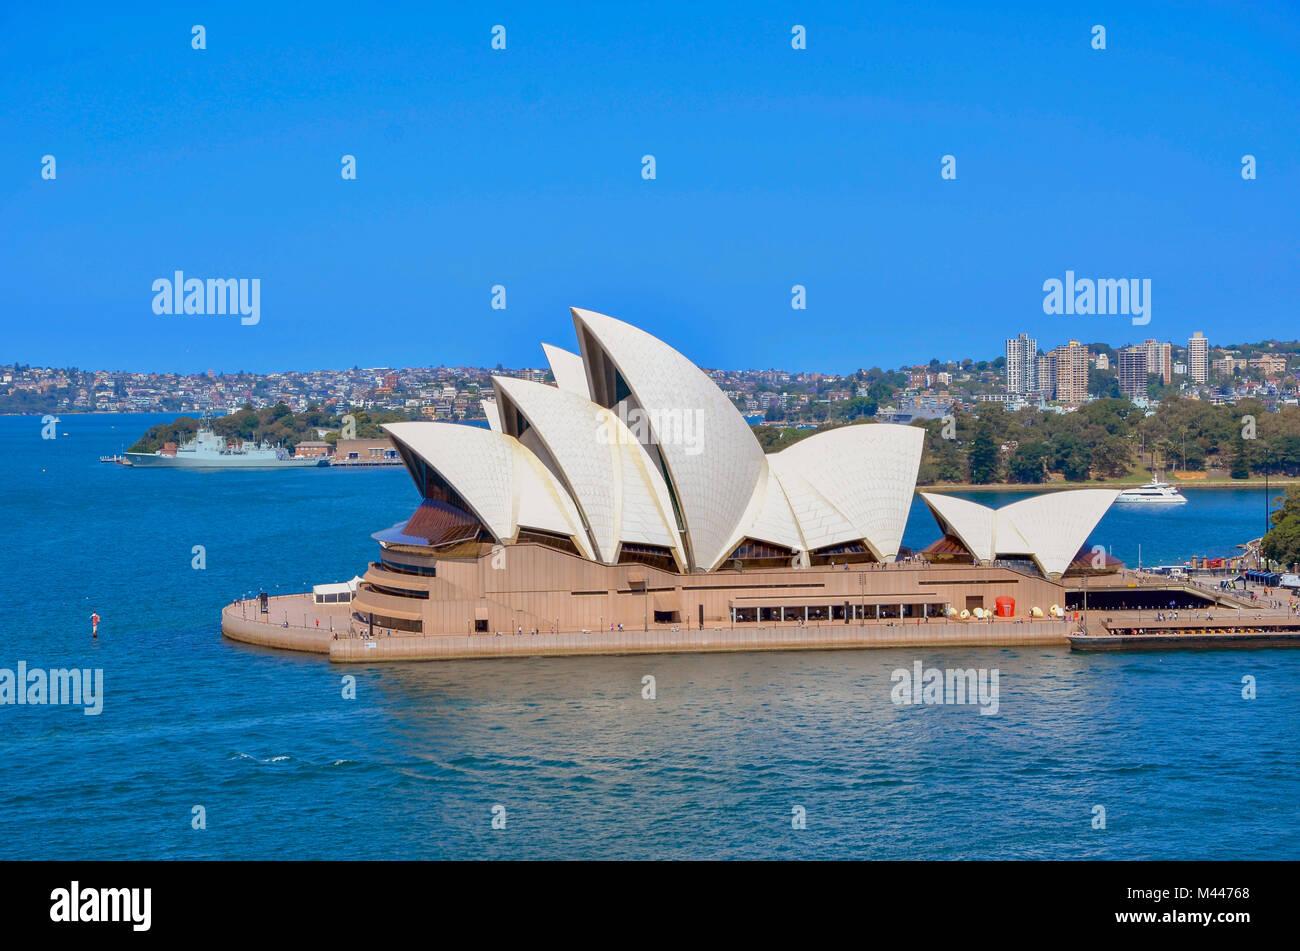 Das Opernhaus von Sydney, Australien, NSW - Opernhaus Sydney, NSW, Australien Stockbild